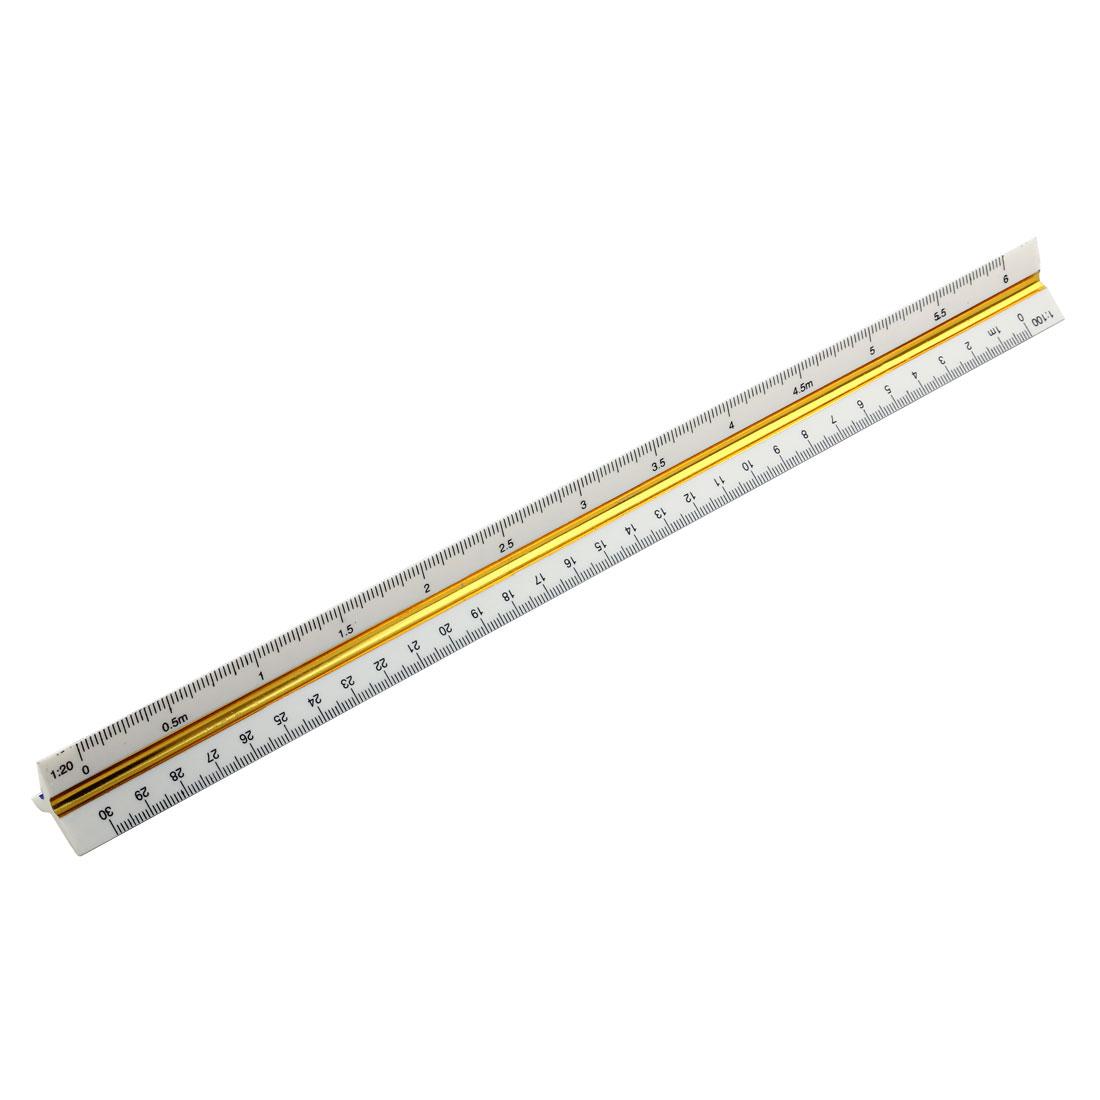 30cm Plastic Triangular Scale Ruler 1:20 1: 25 1:50 1:75 1:100 1:125